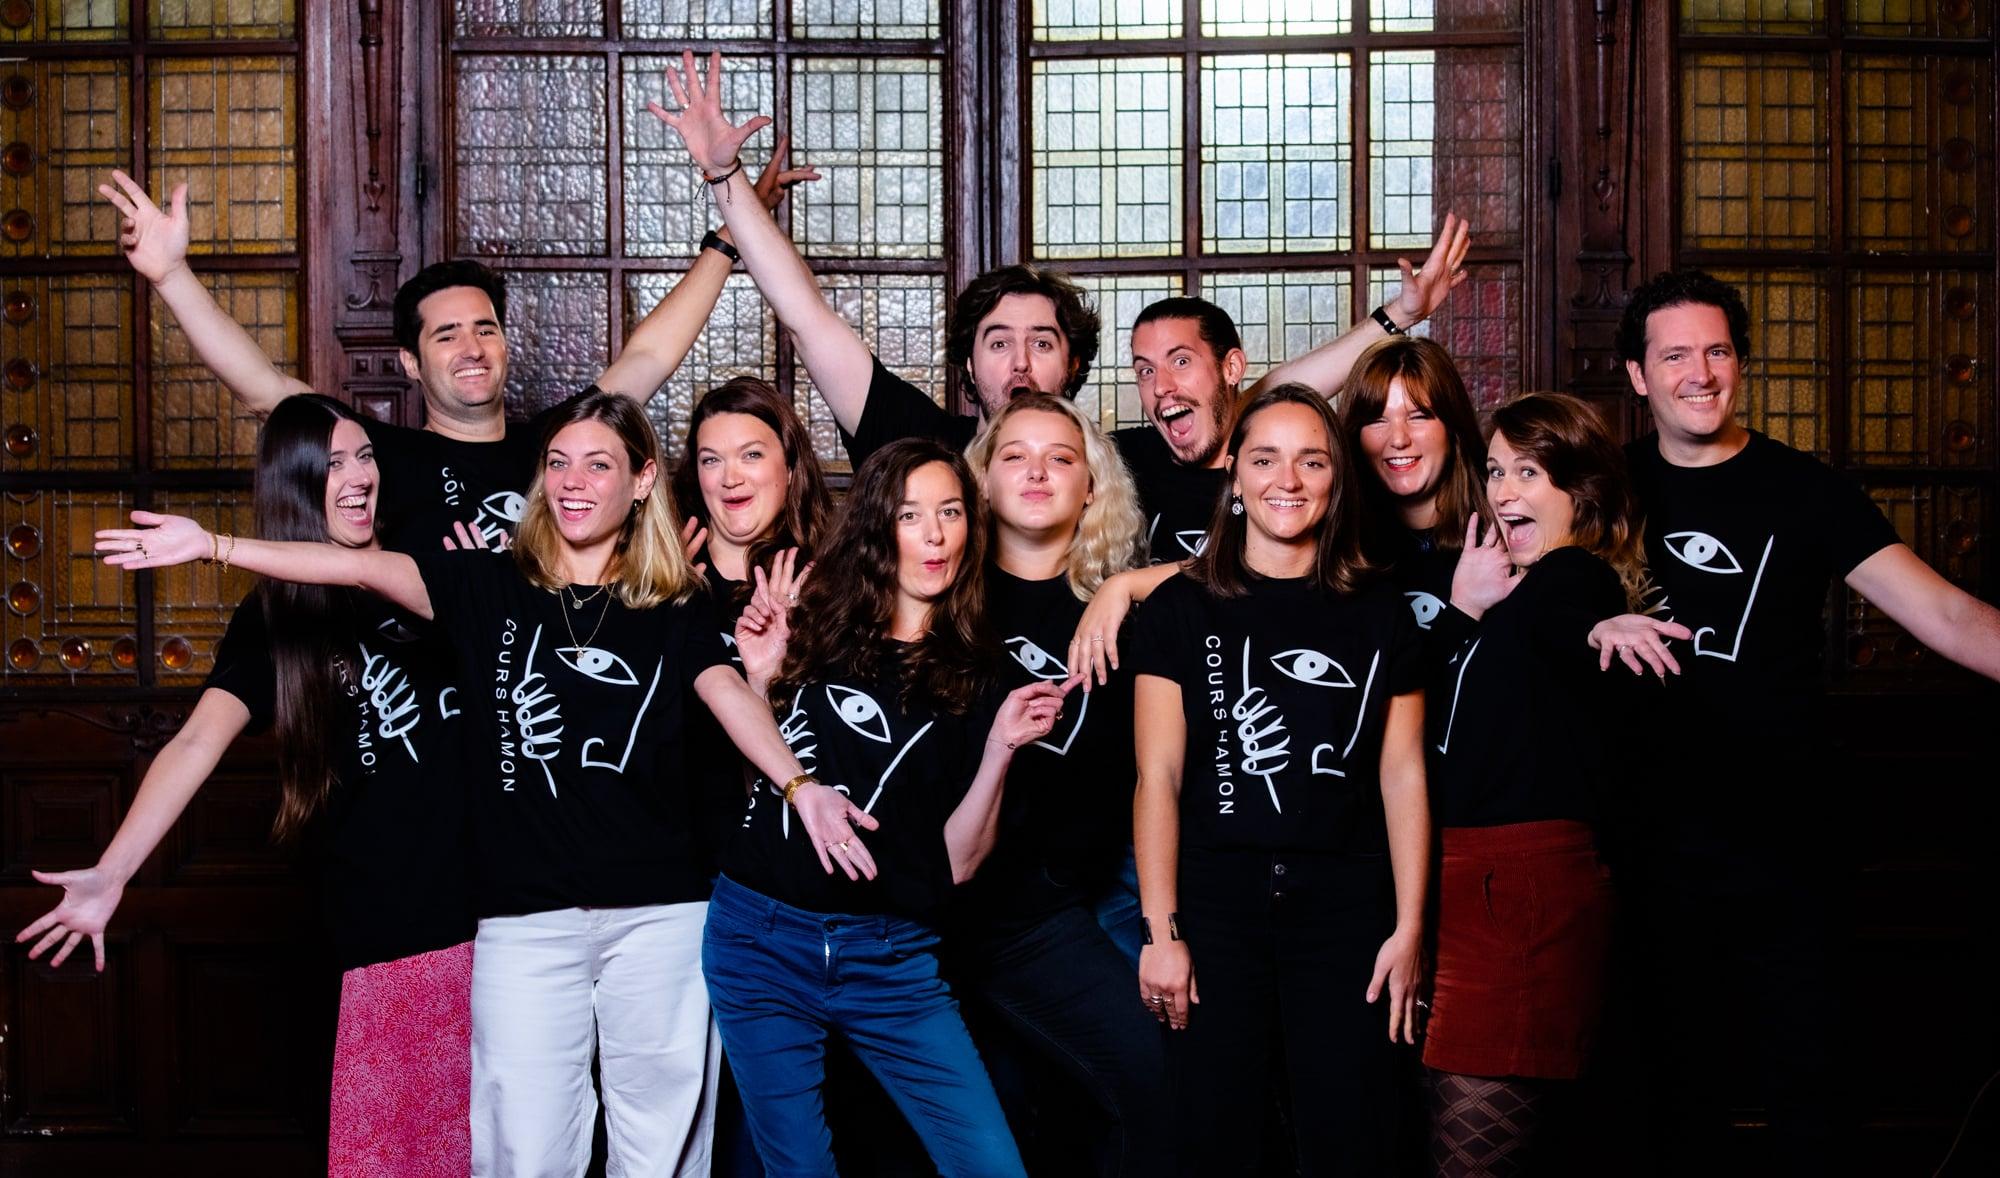 Le bien-être par les cours de danse contemporaine - Isabeau Hamon - Fondatrice d'un studio de danse à Nantes